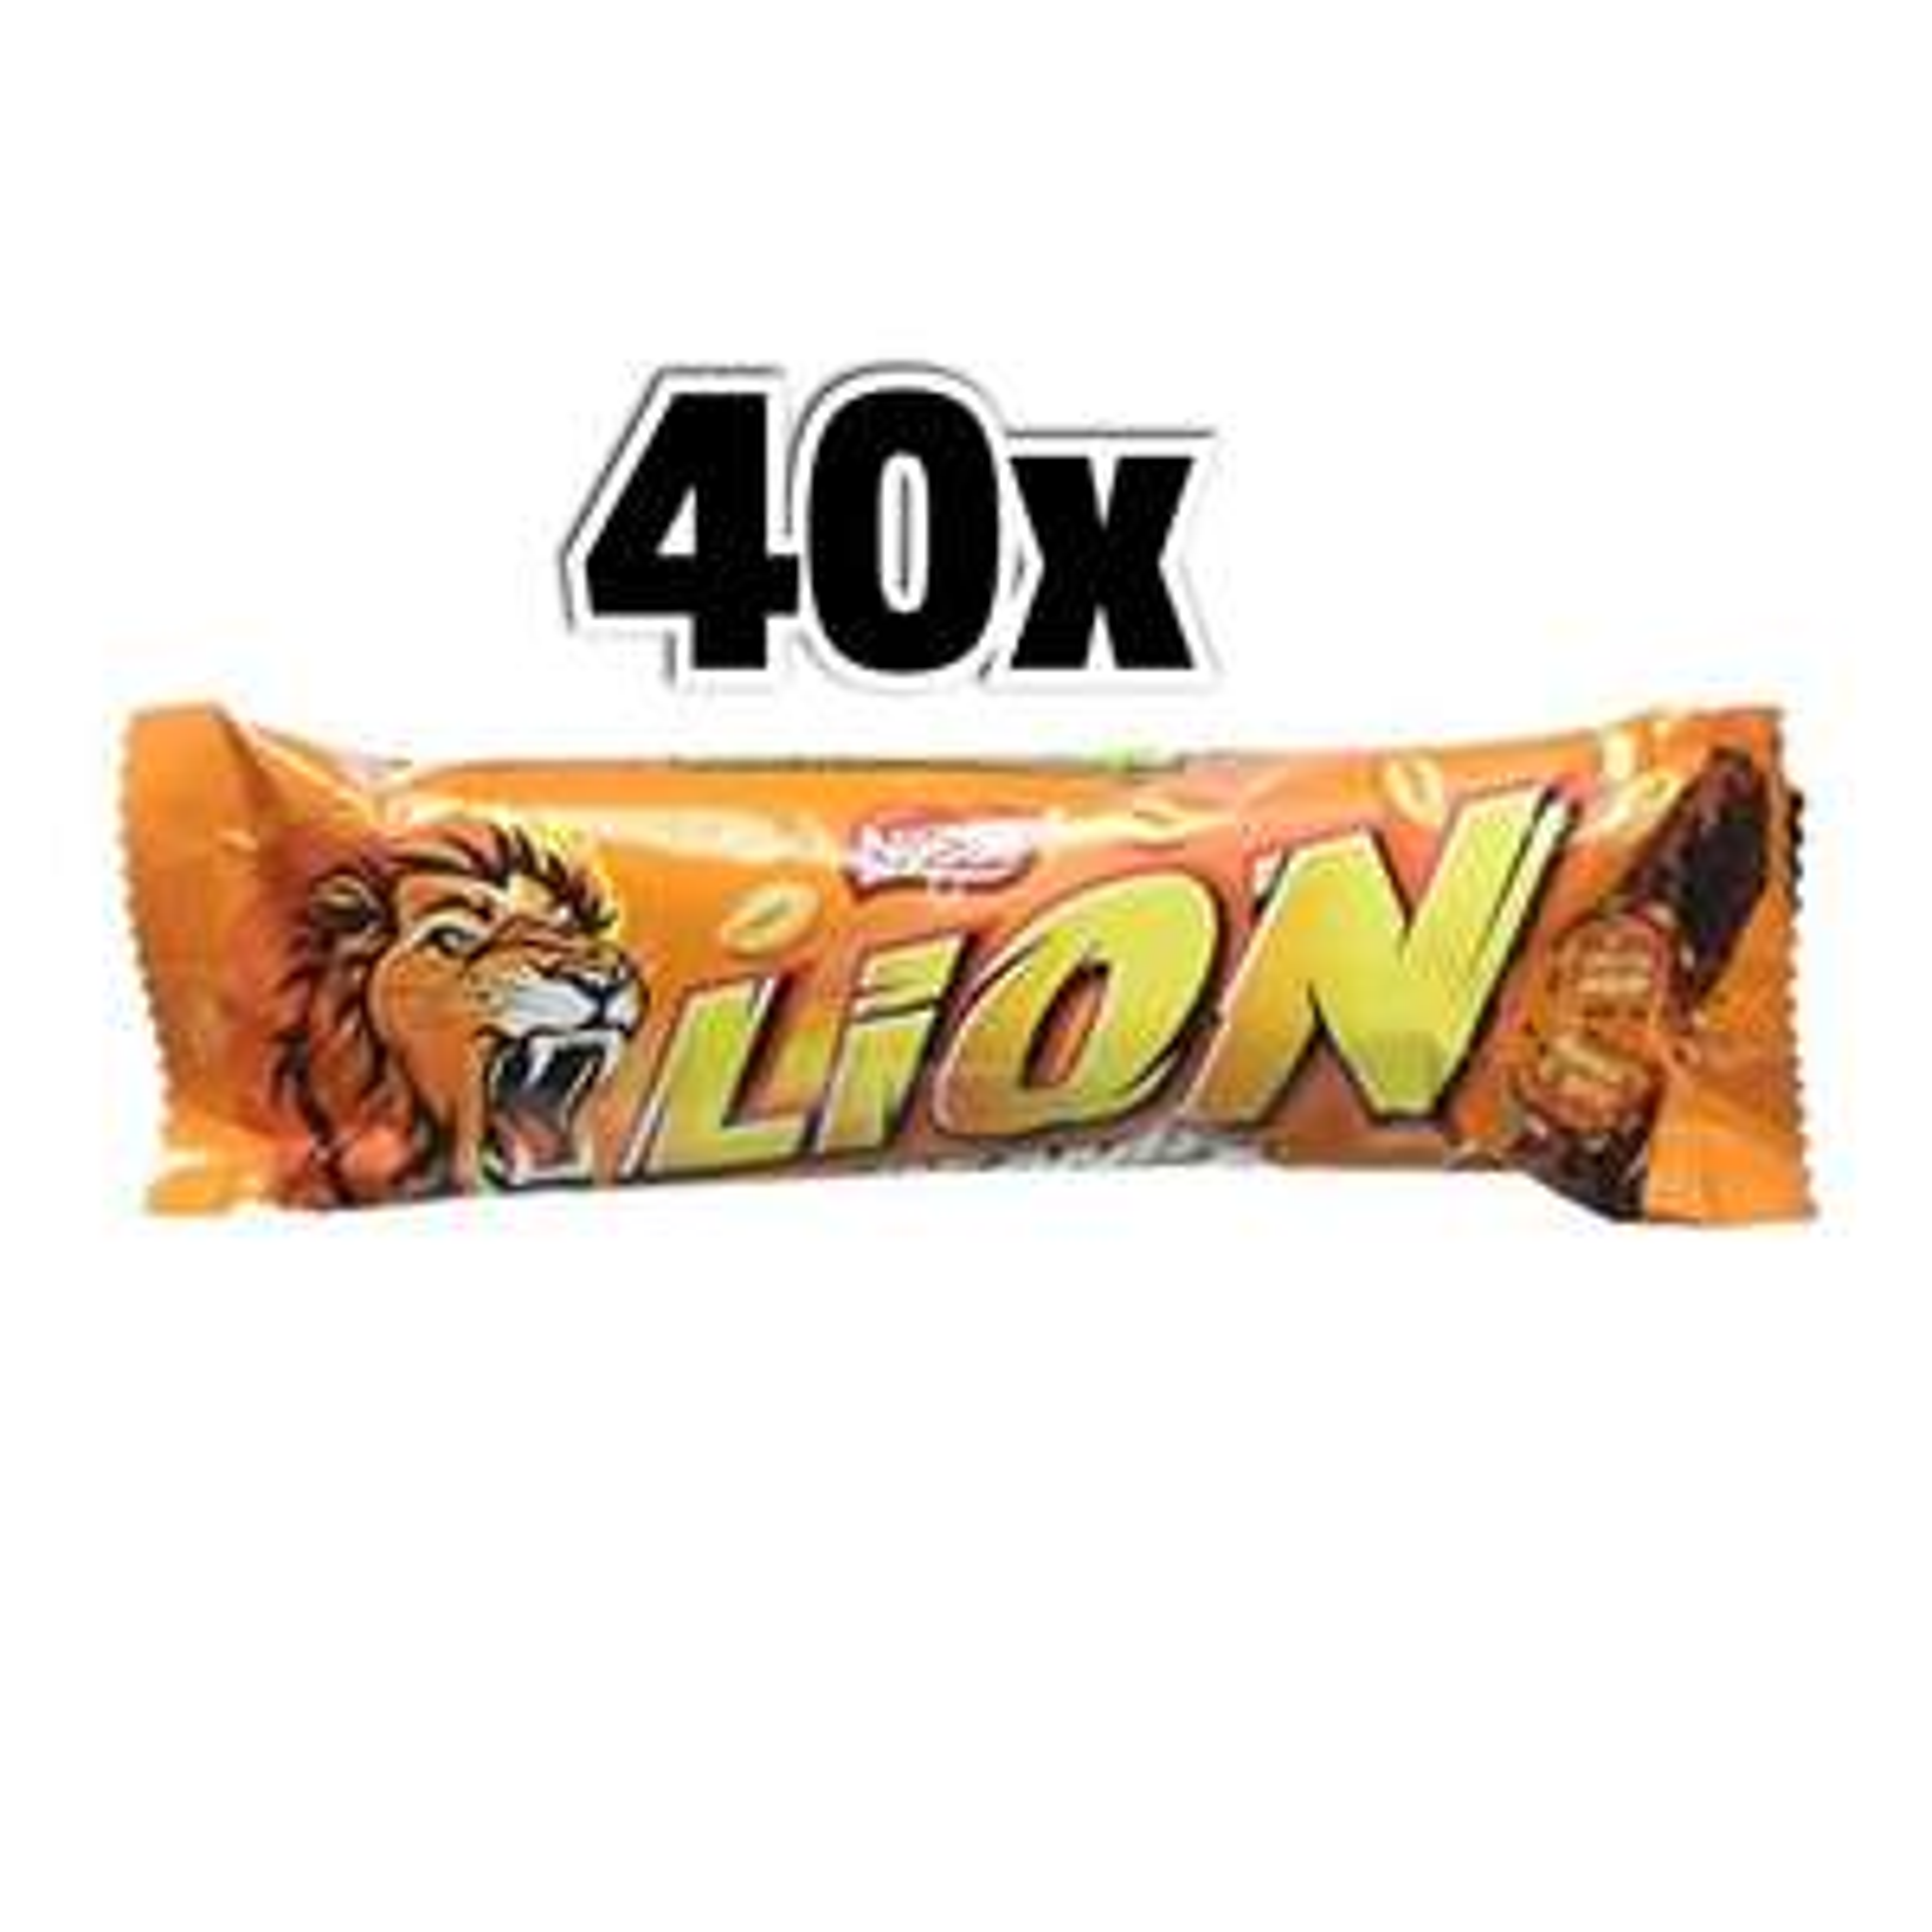 40x Lion Barrette al caramello e arachidi tostate Nestle